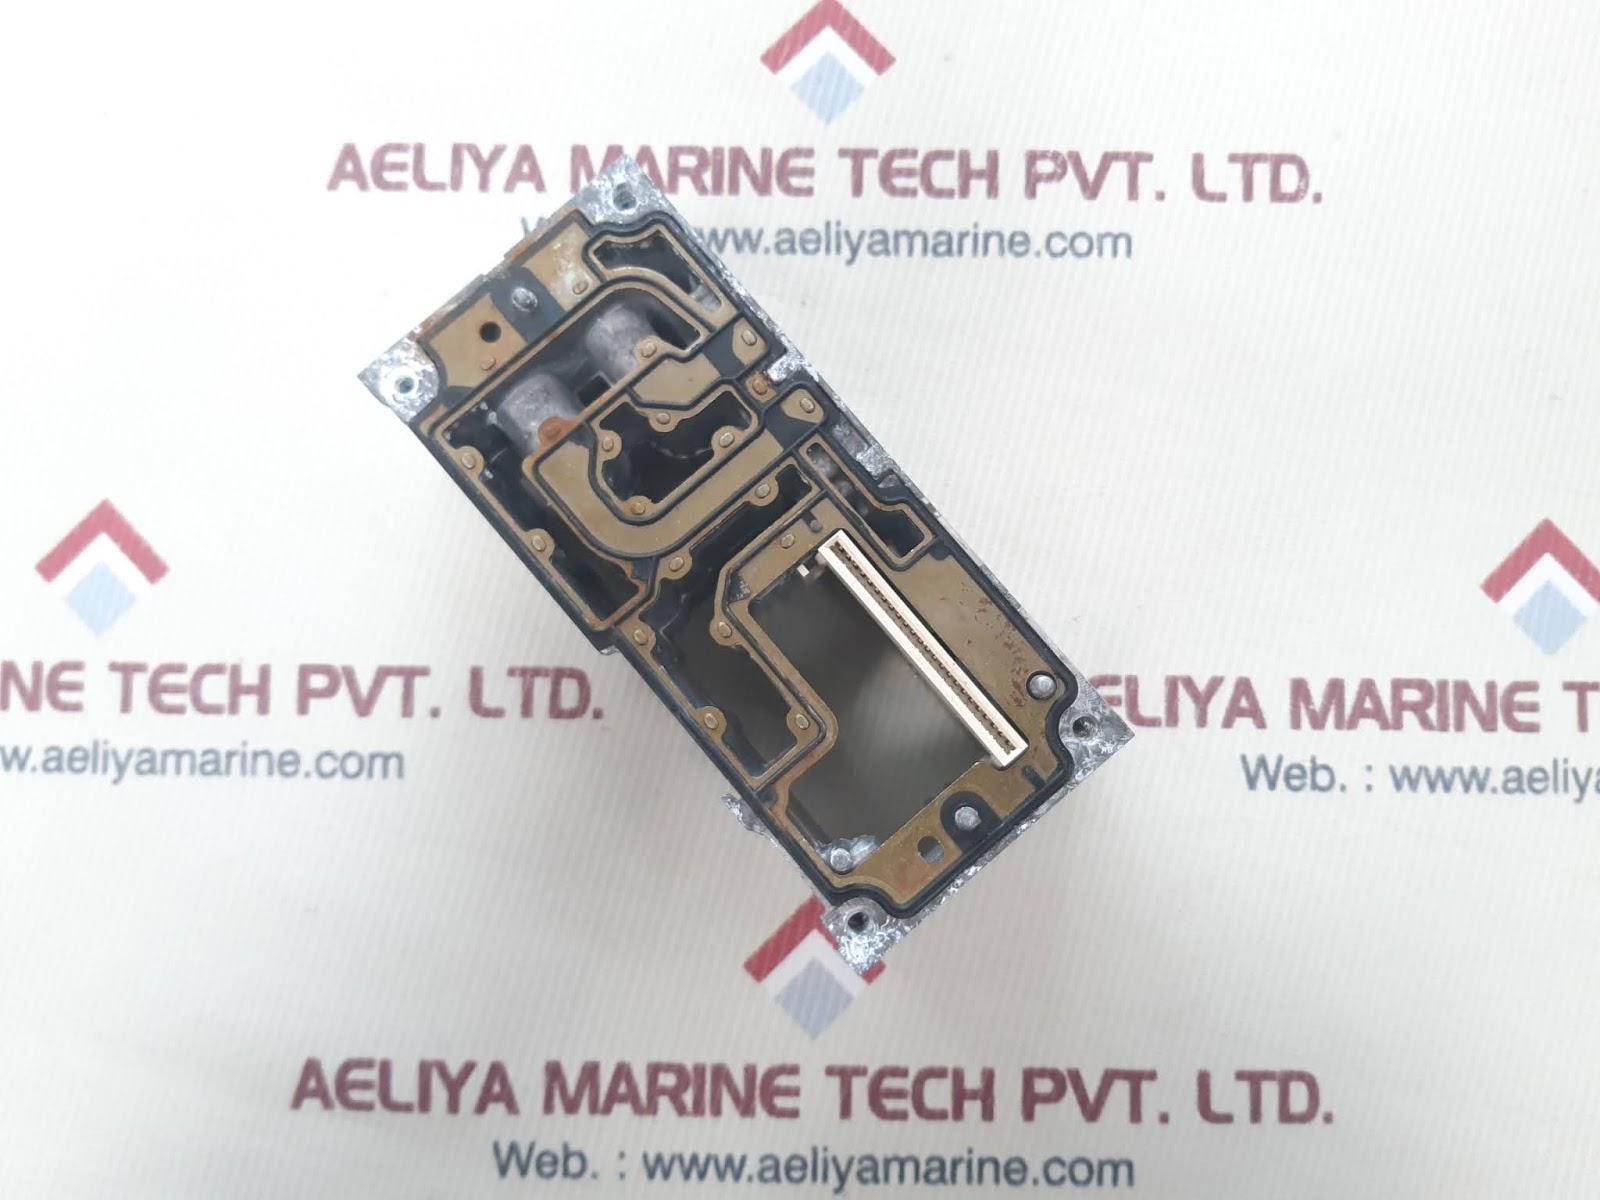 Details about  /FESTO VABV-S4-1HS-G14-2T2 MANIFOLD SUBBASE PN# 546211